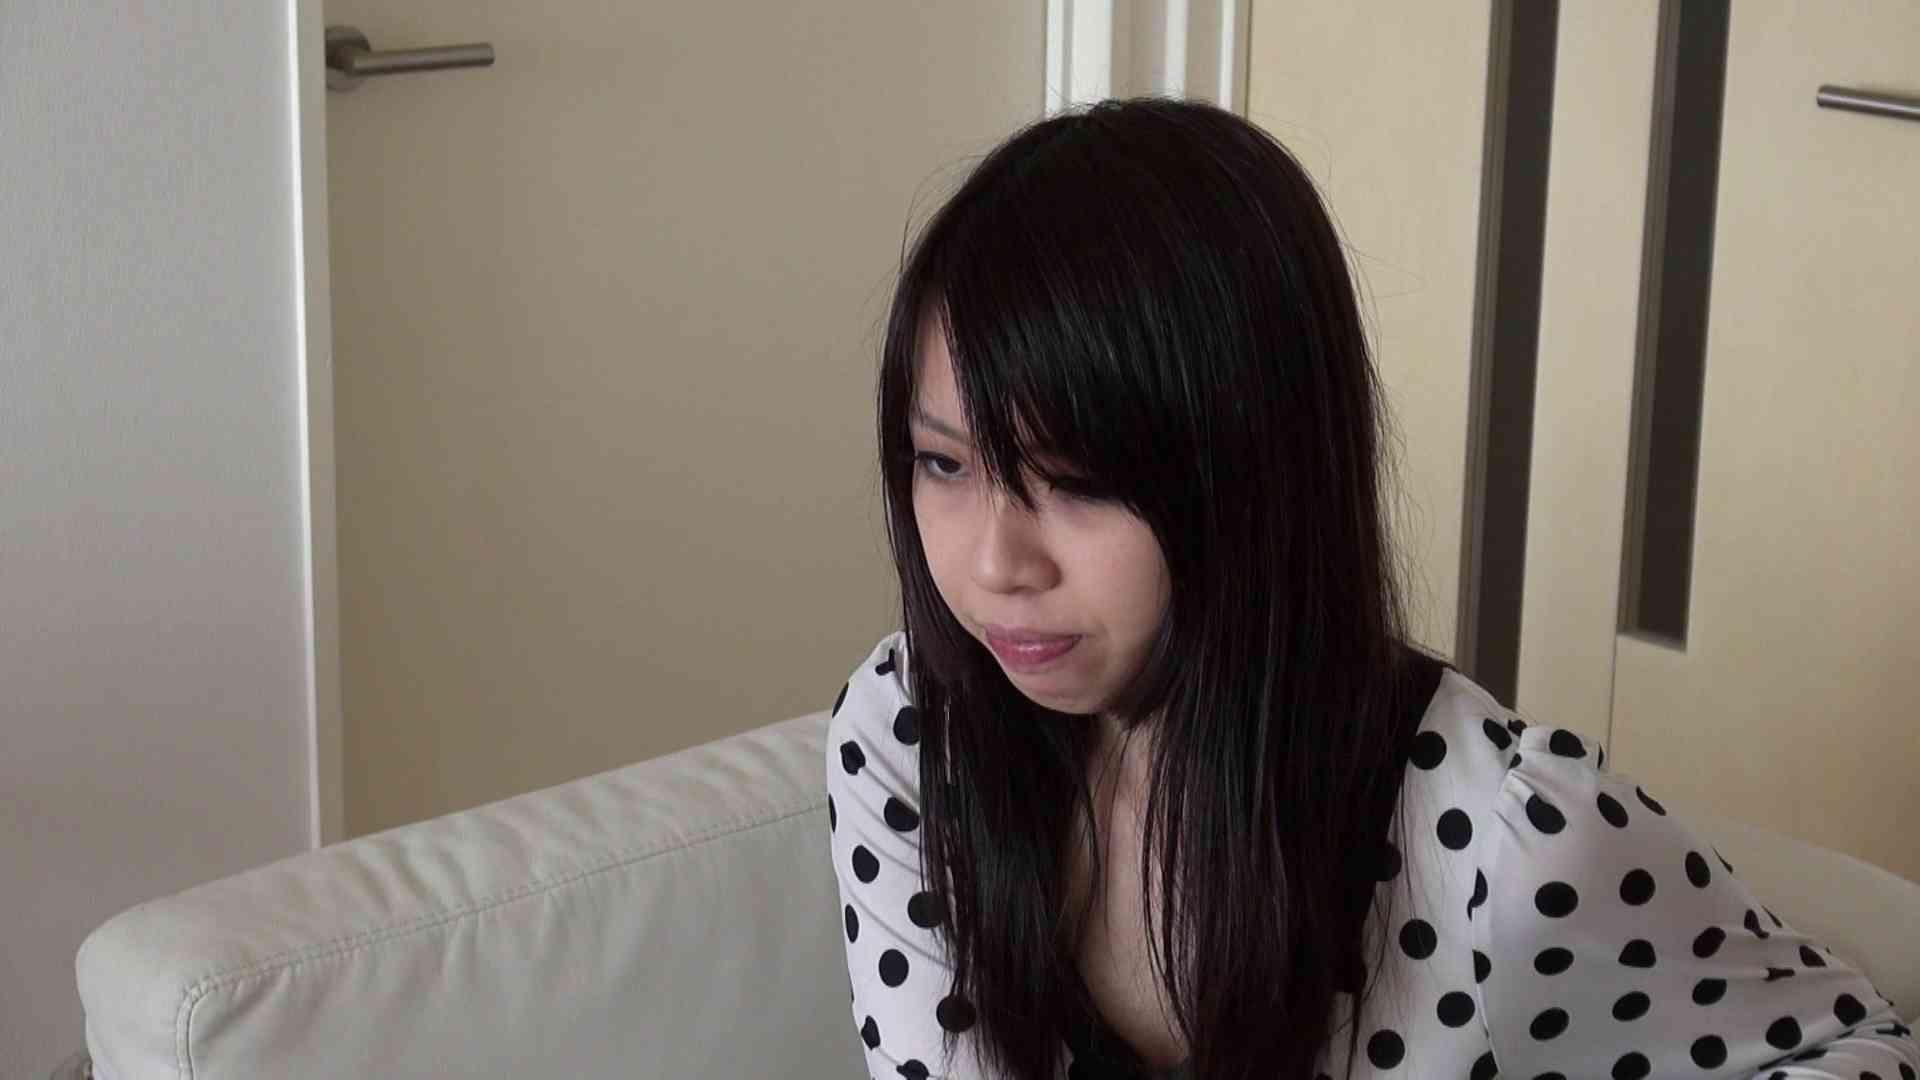 自宅で今回の出演までの経緯を語る志穂さん 0   0  63画像 21